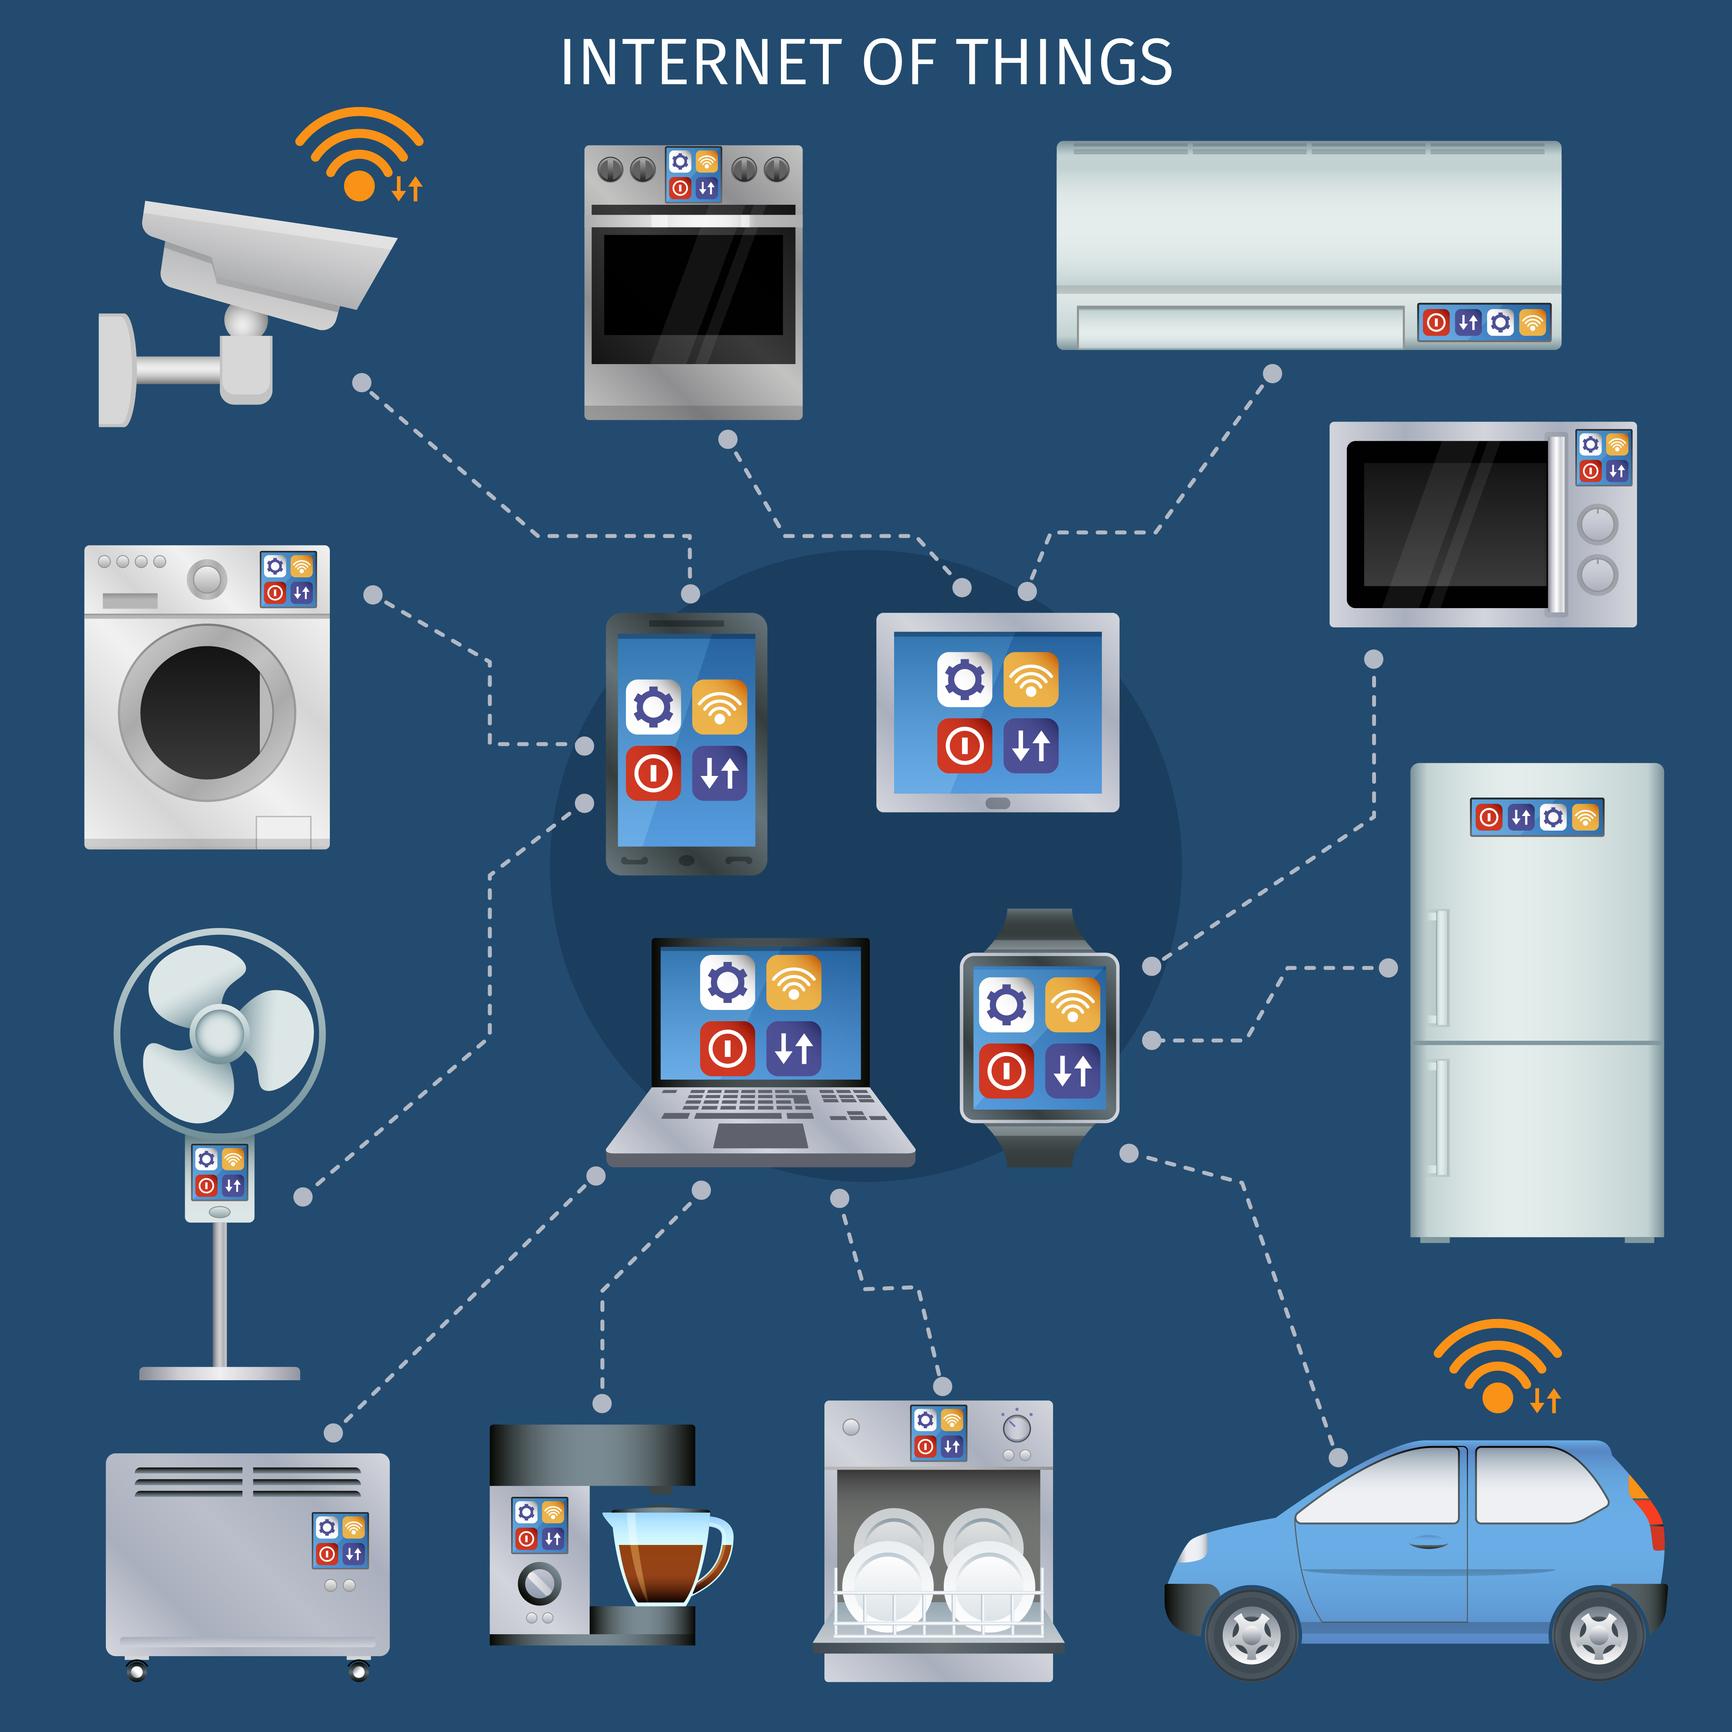 UK_LAN_IoT Stock Image Items_151019